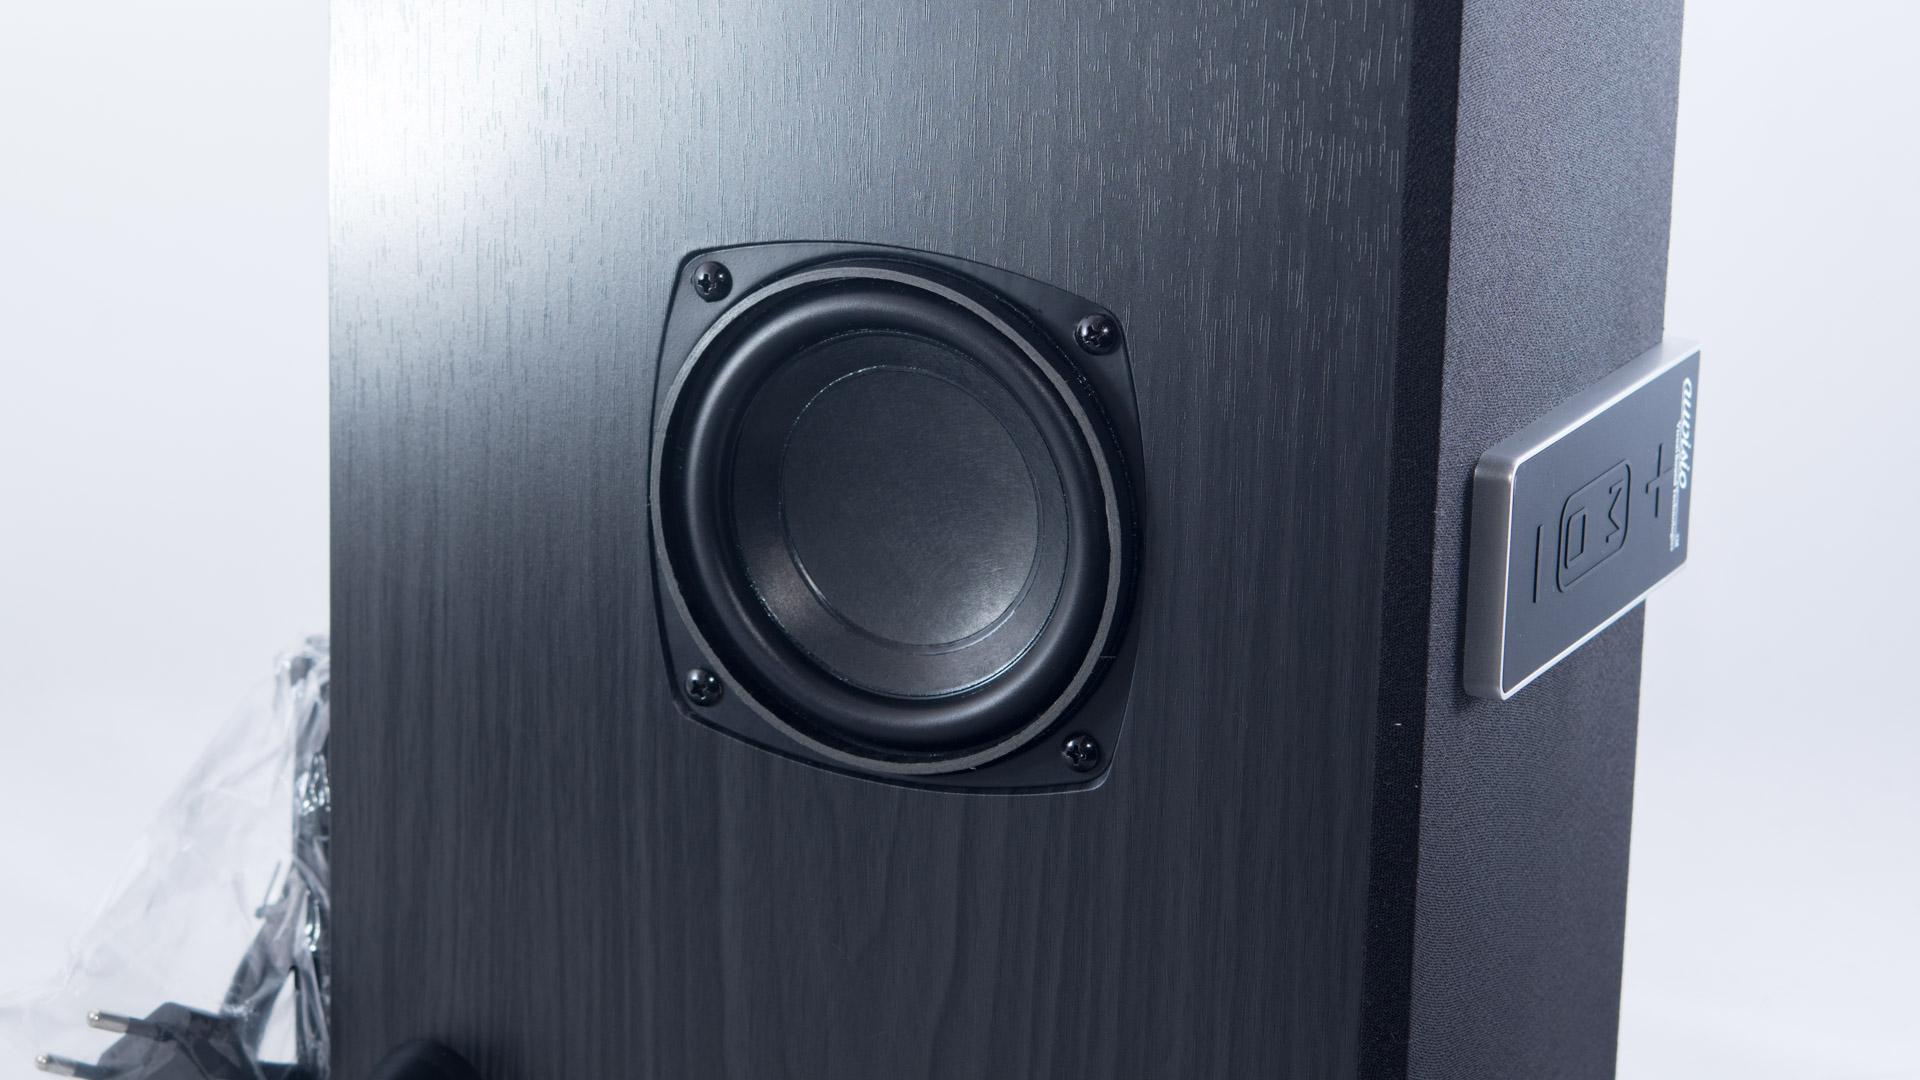 auvisio wlan multiroom lautsprecher im test die g nstige. Black Bedroom Furniture Sets. Home Design Ideas